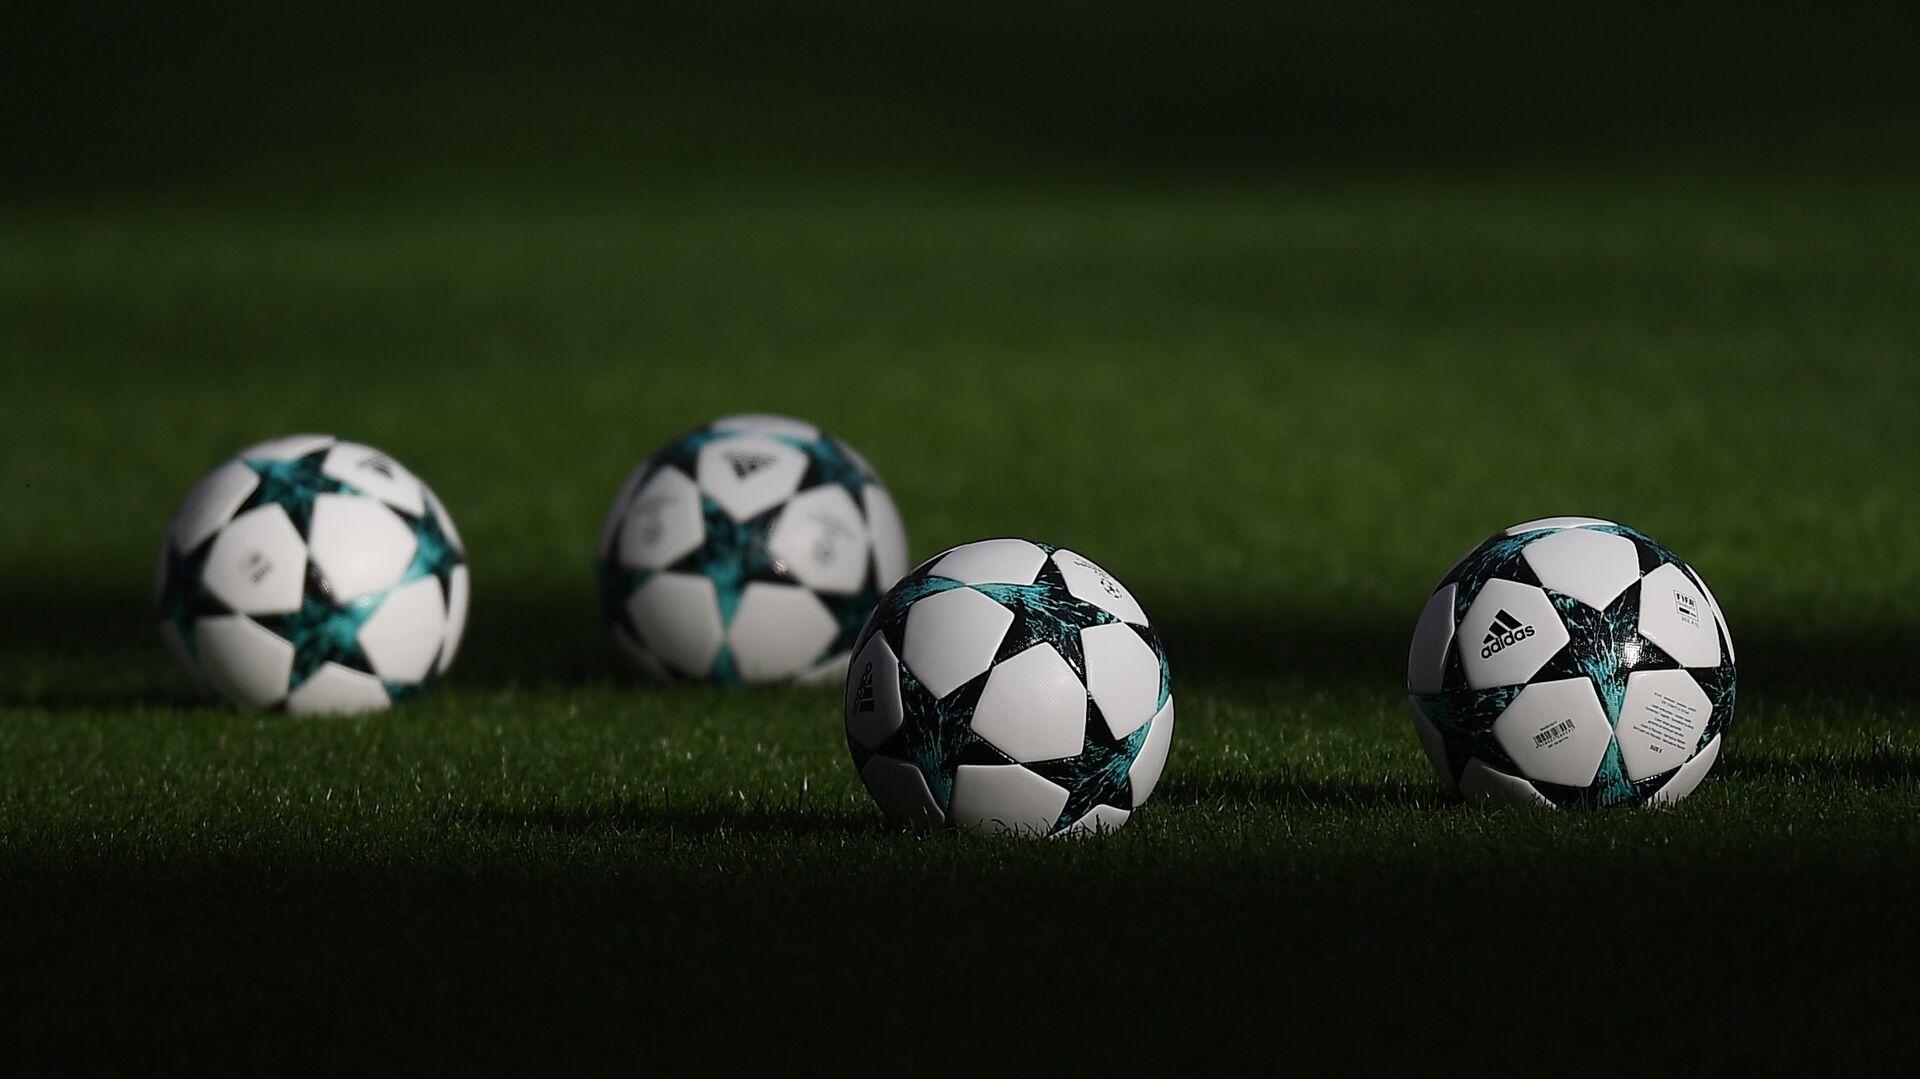 Официальные мячи Лиги чемпионов УЕФА - РИА Новости, 1920, 20.10.2020